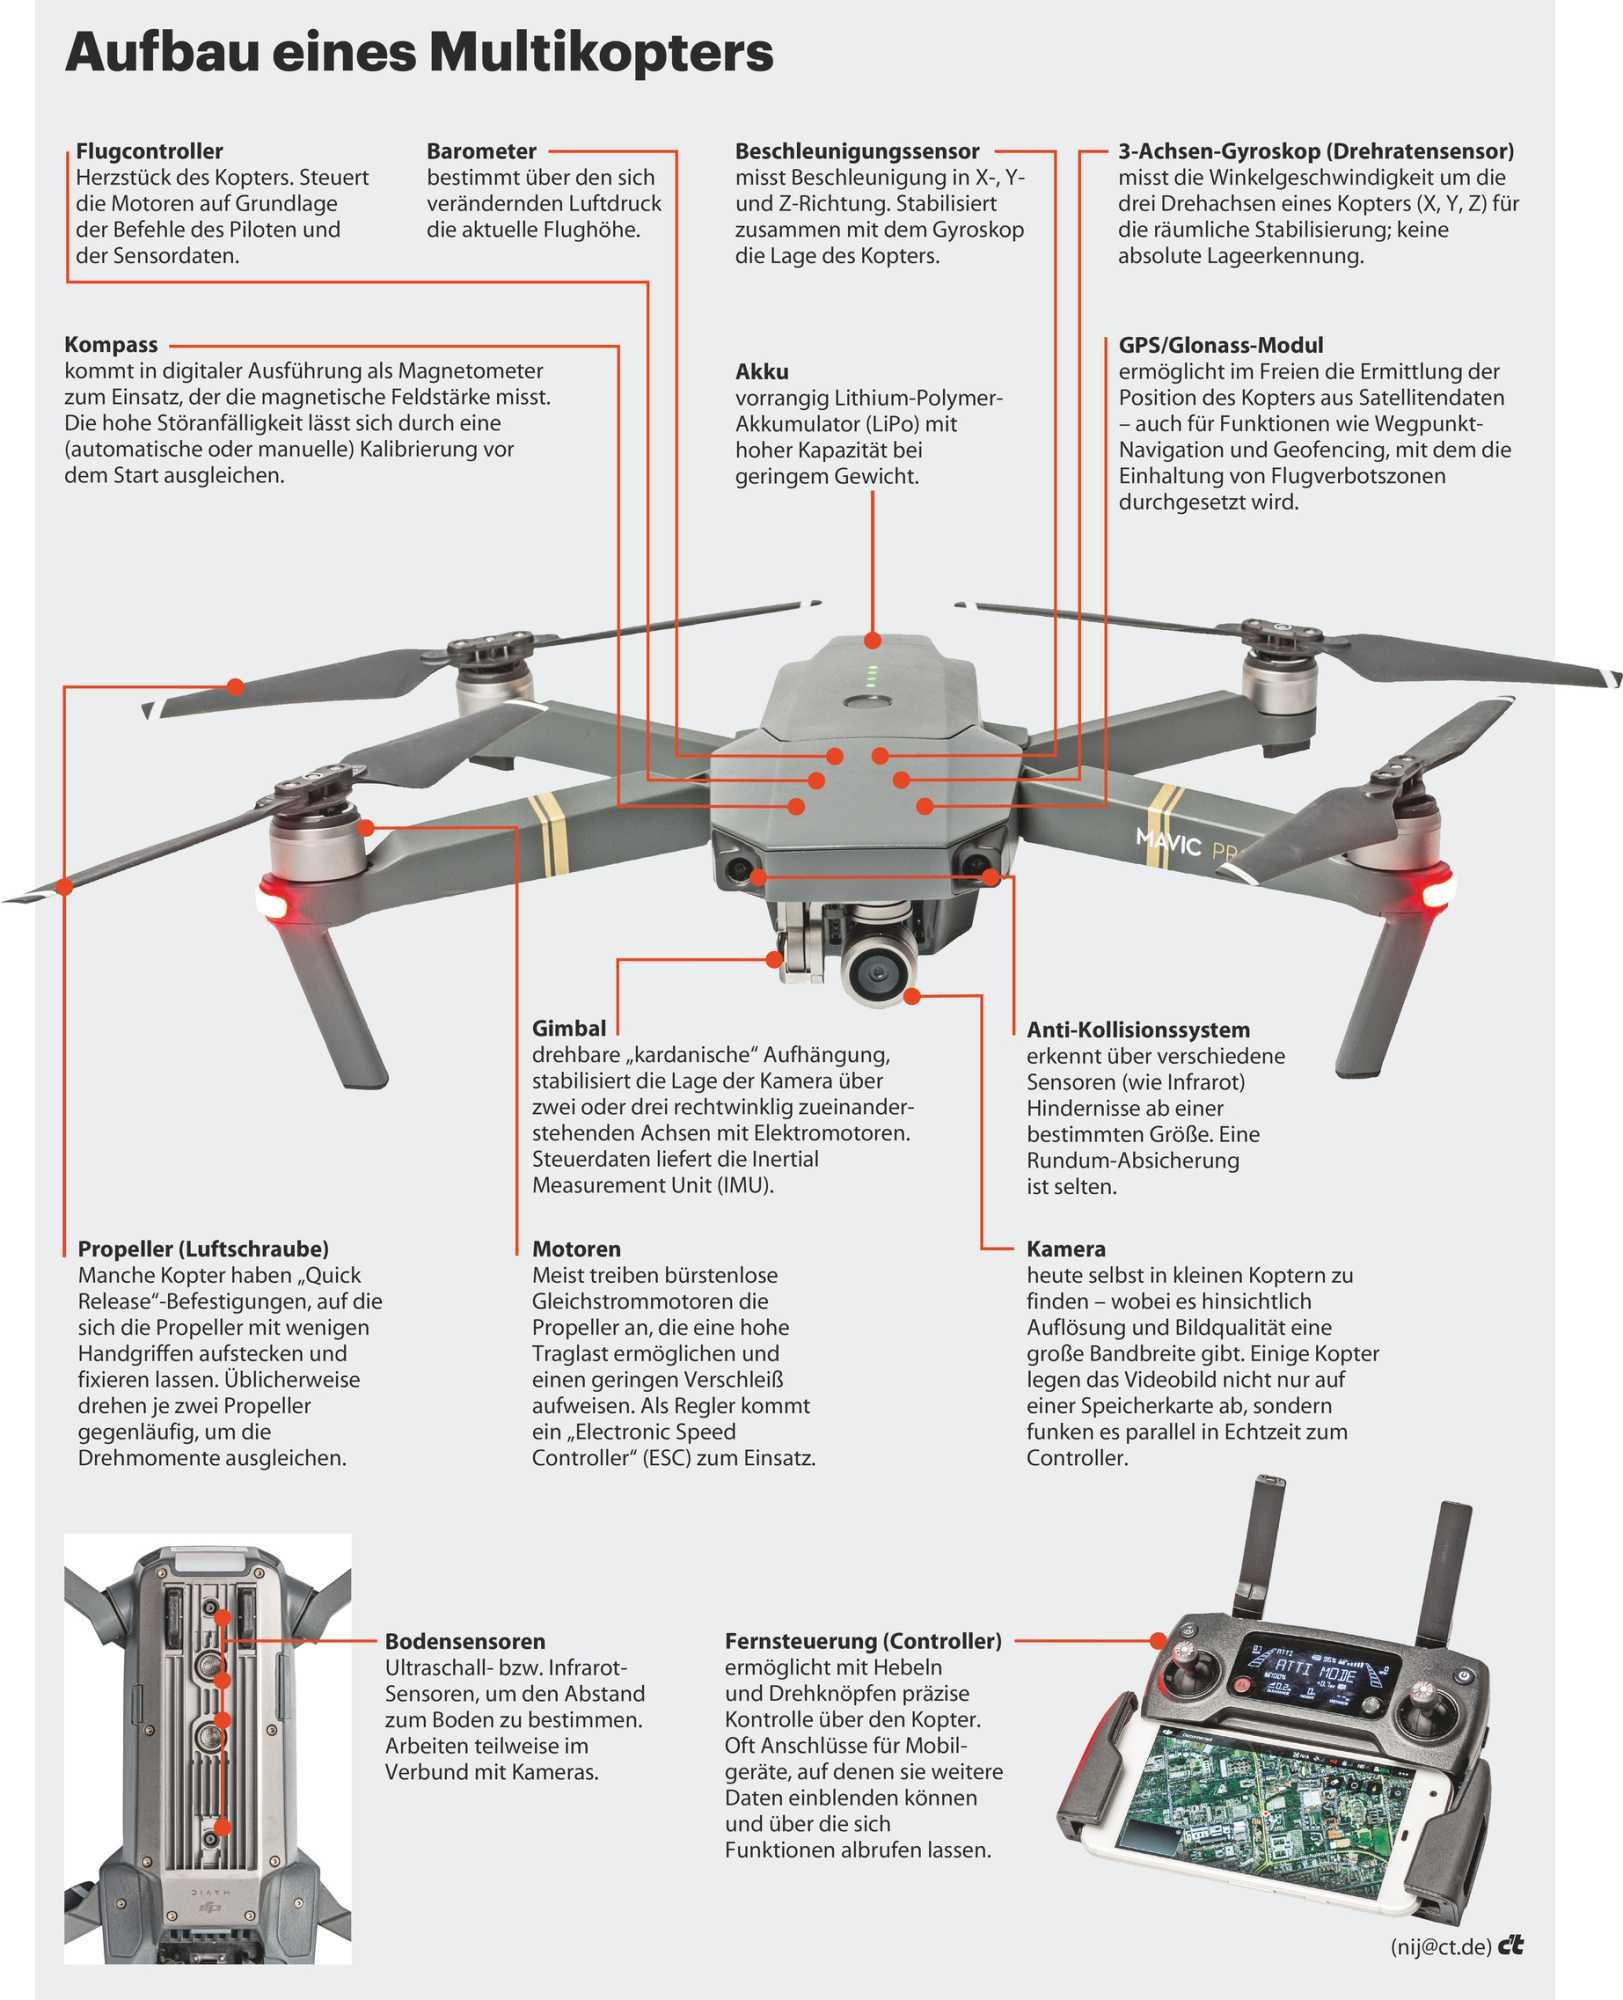 Aufbau einer Drohne